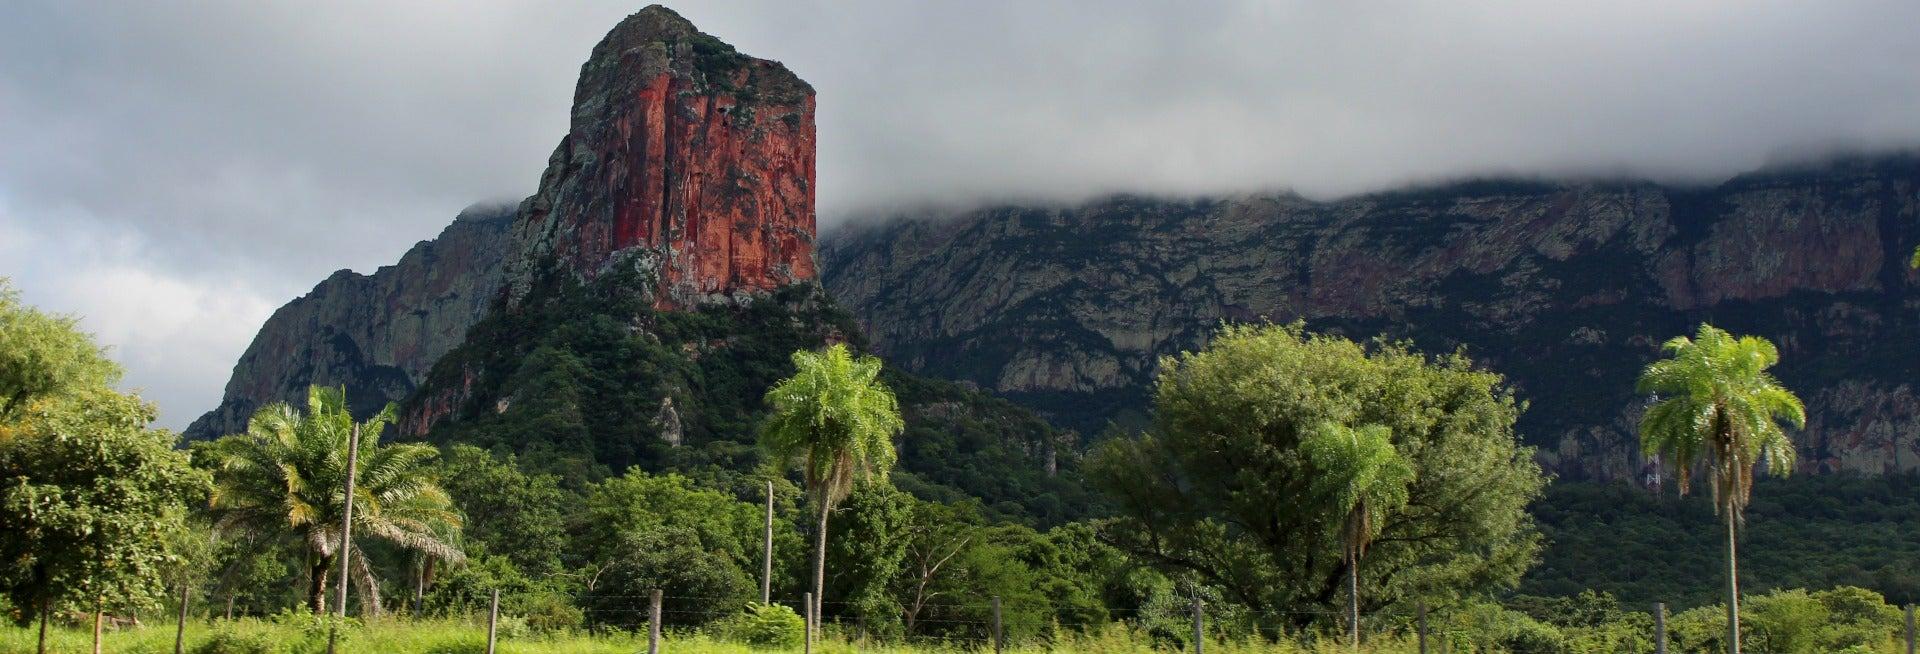 Tour de 2 dias por San José de Chiquitos e Chochís